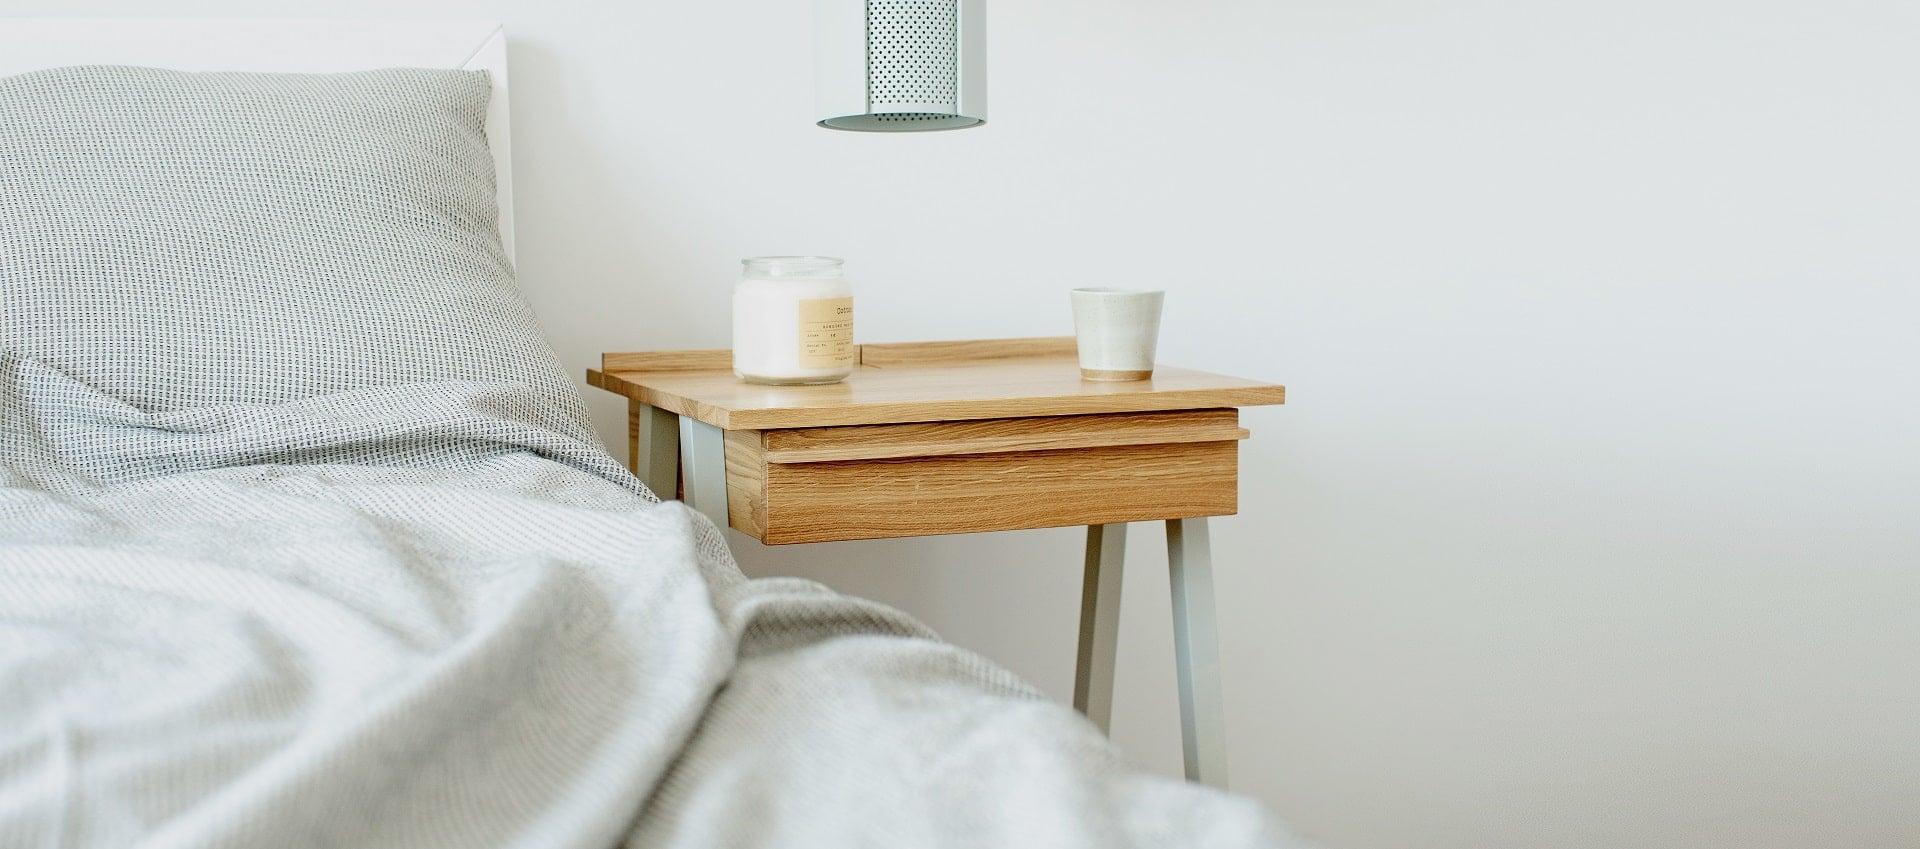 Łóżko sypialnie i szafka drewniana troost w stylu skandynawskim